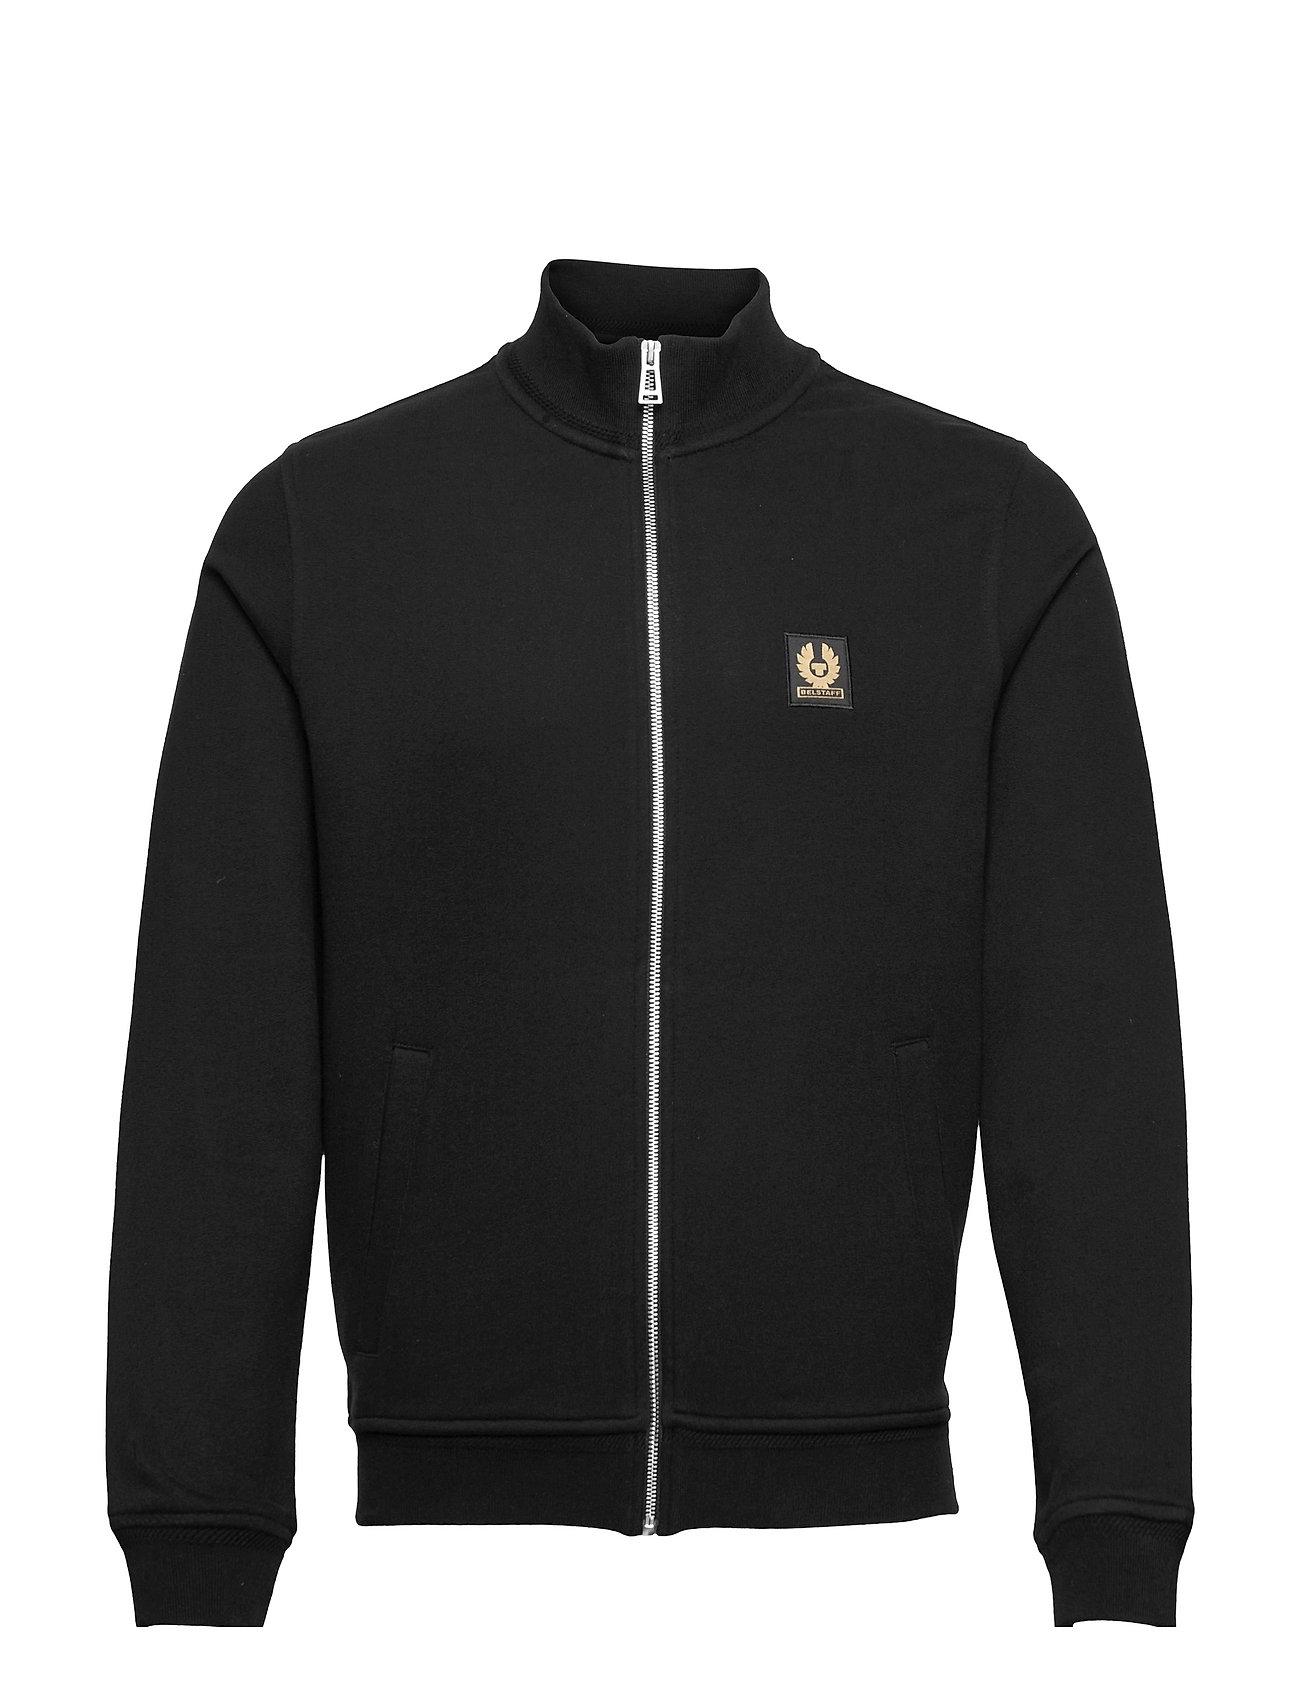 Belstaff Zip Through Sweatshirt Trøje Sort Belstaff